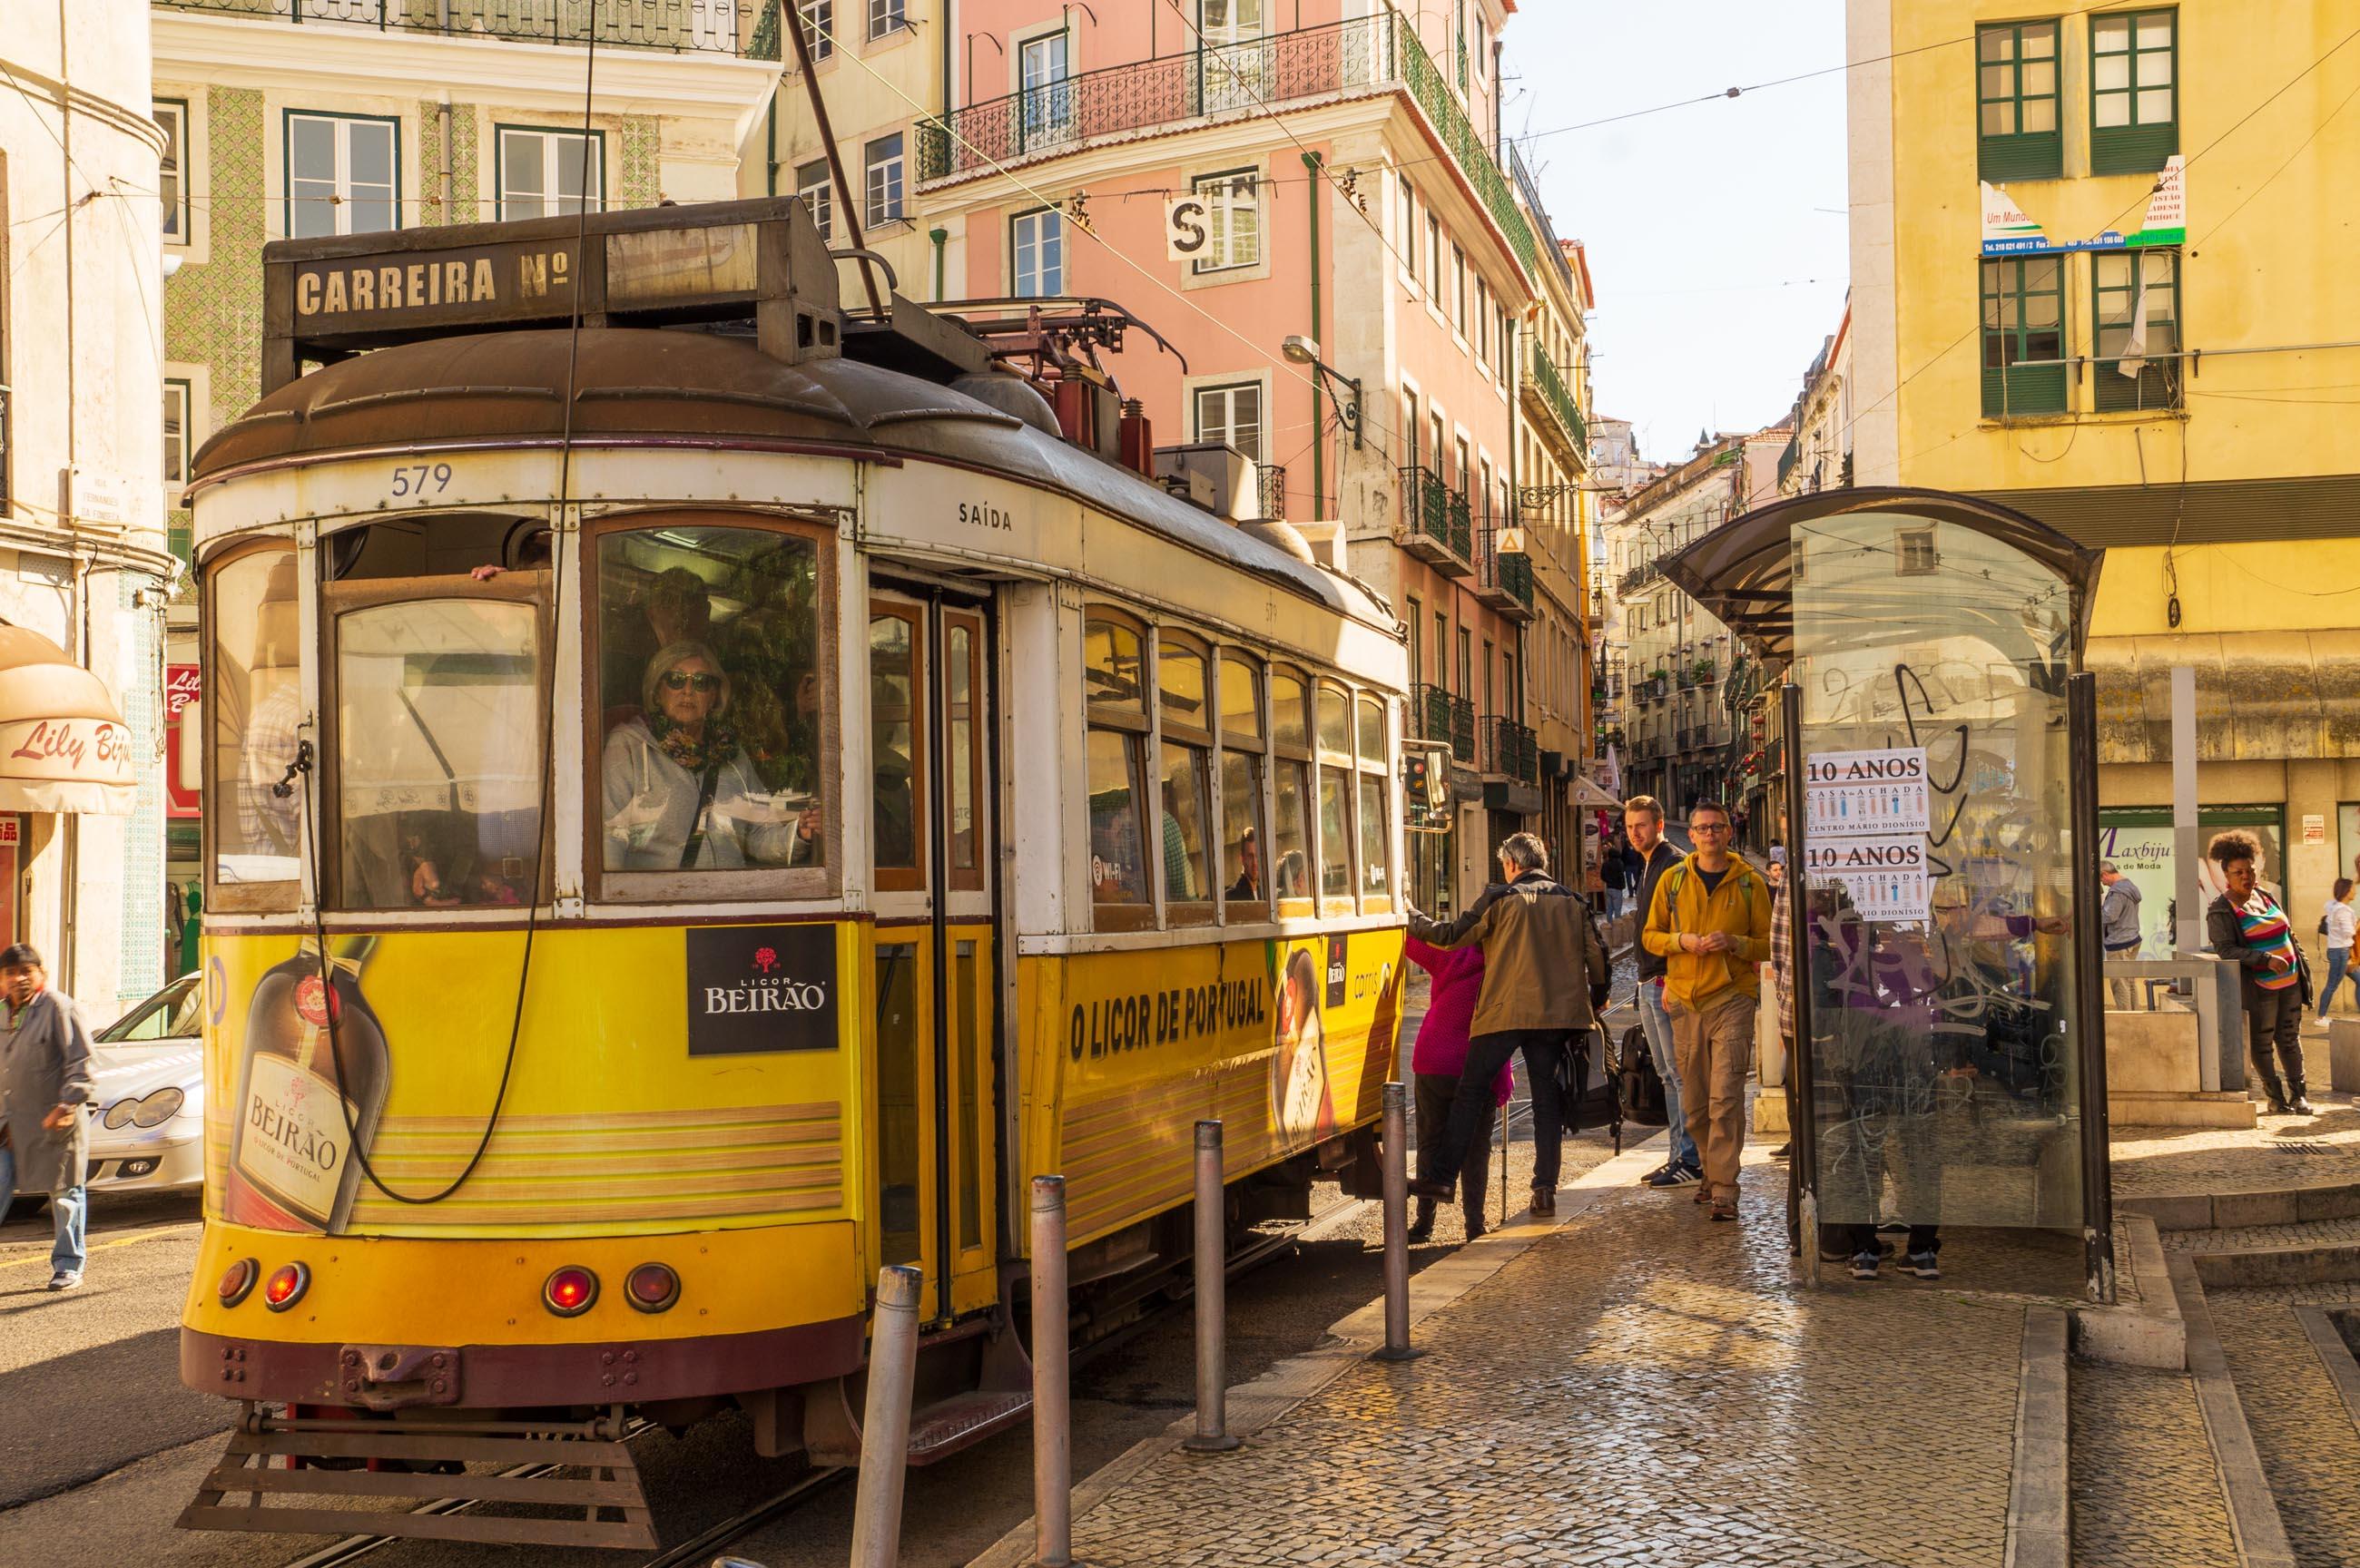 https://bubo.sk/uploads/galleries/7377/jozefzeliznakst_portugalsko_lisabon_dsc05937.jpg